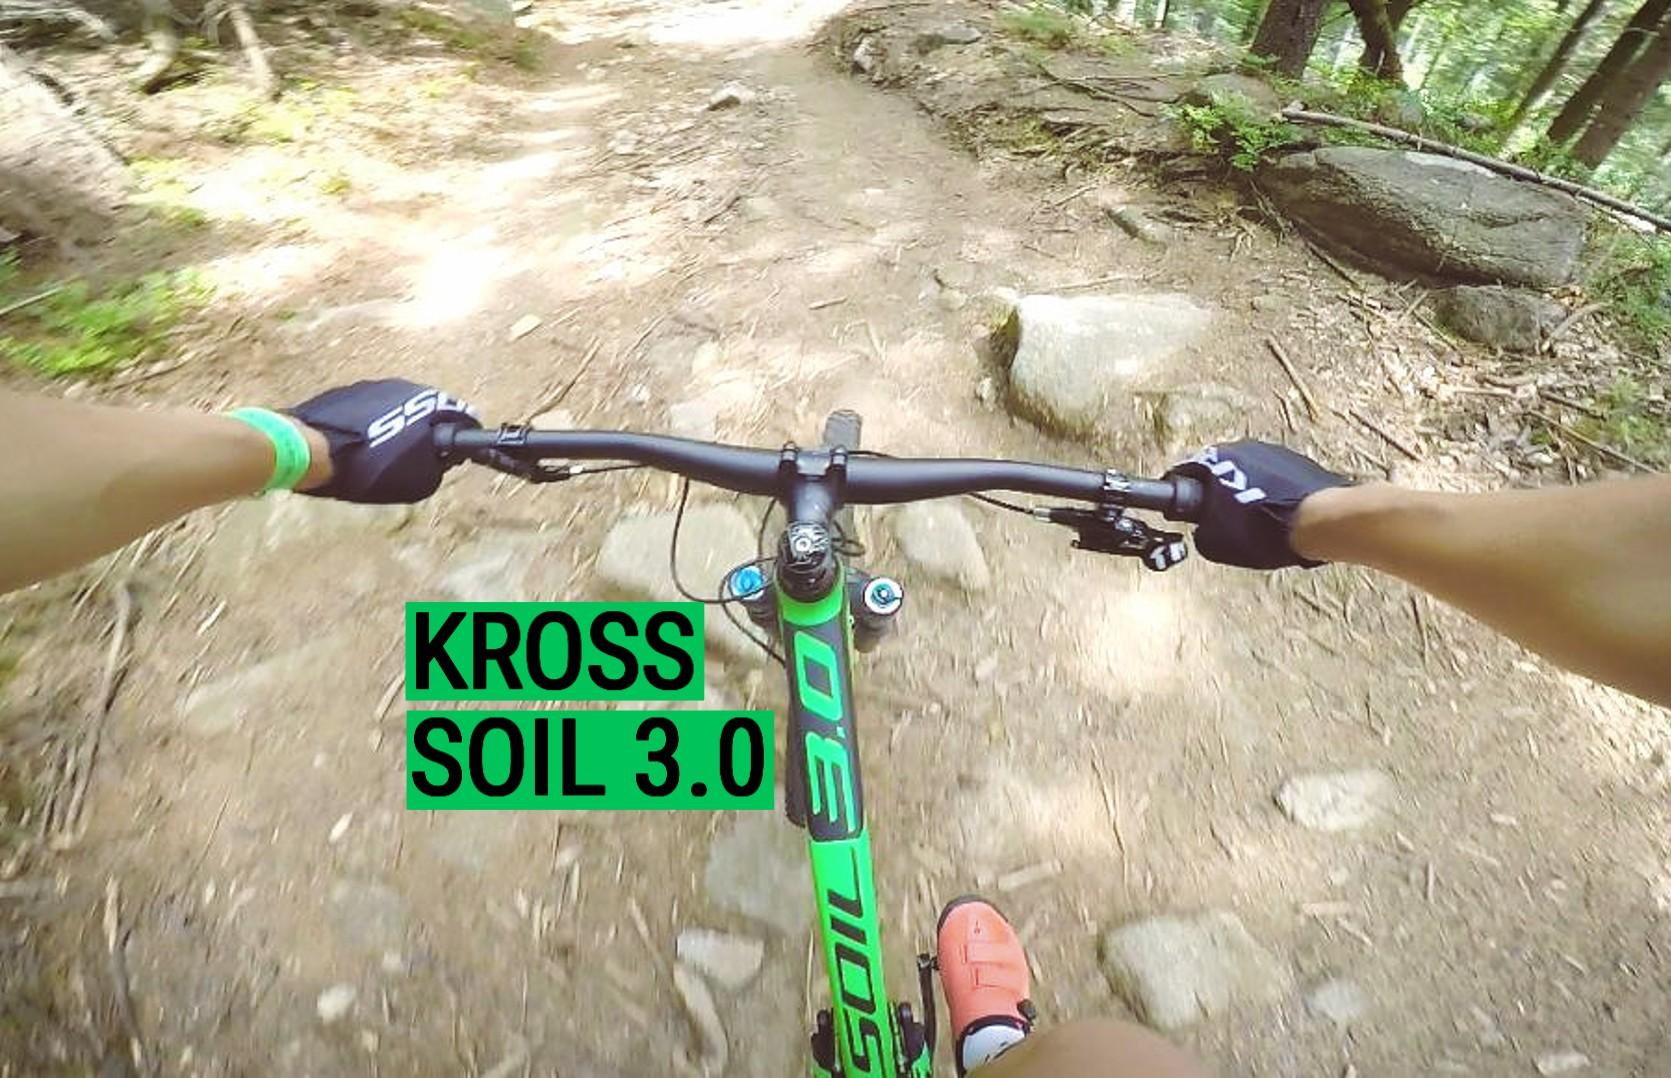 Kross Soil 3.0 – Grunt to flow!